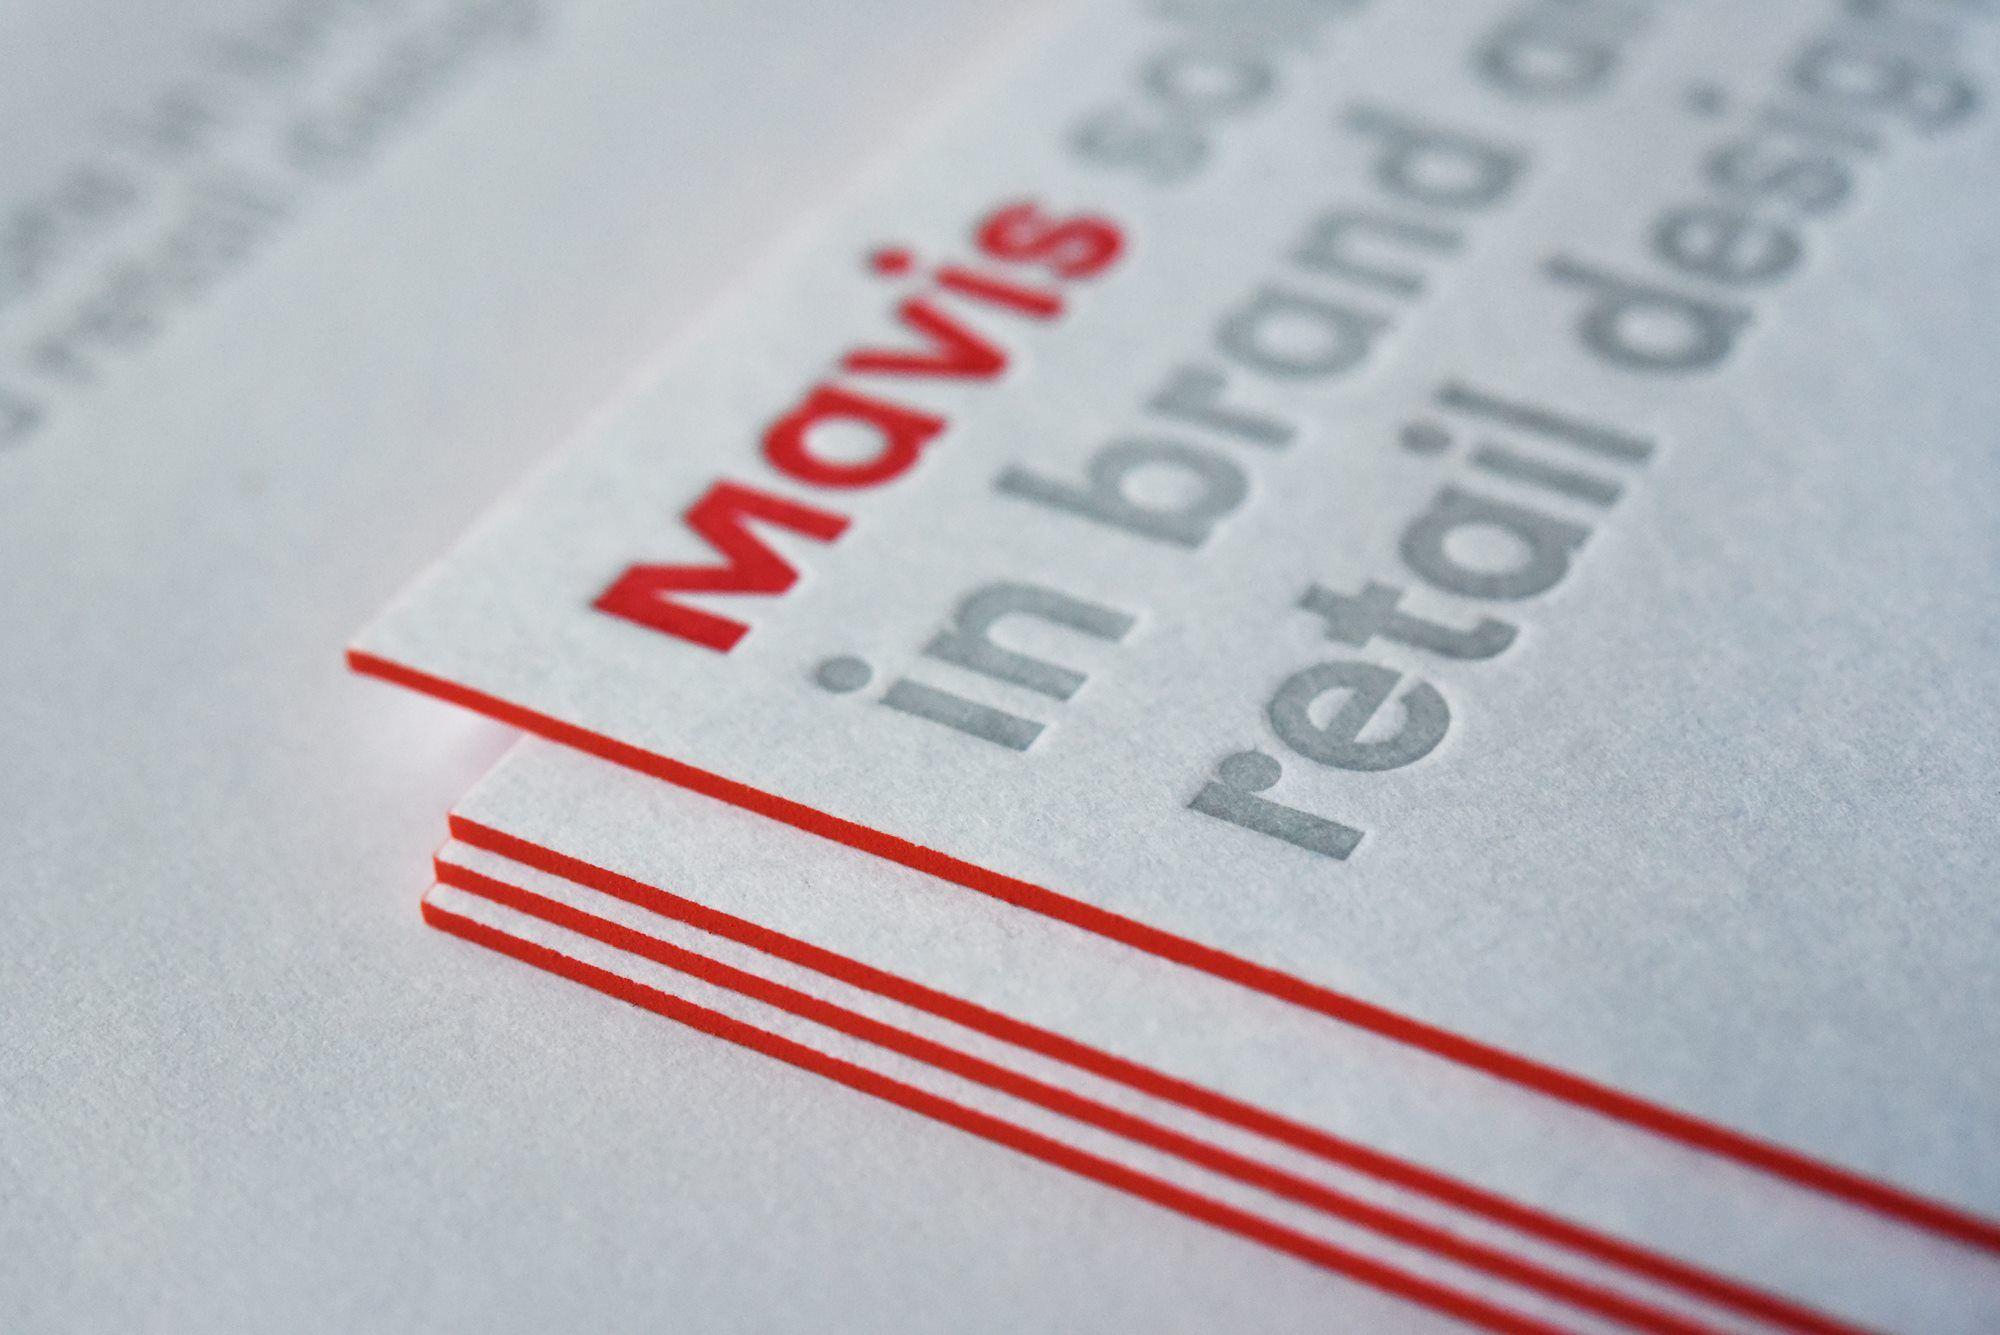 Druckprodukt Visitenkarten Verarbeitung Letterpress Und